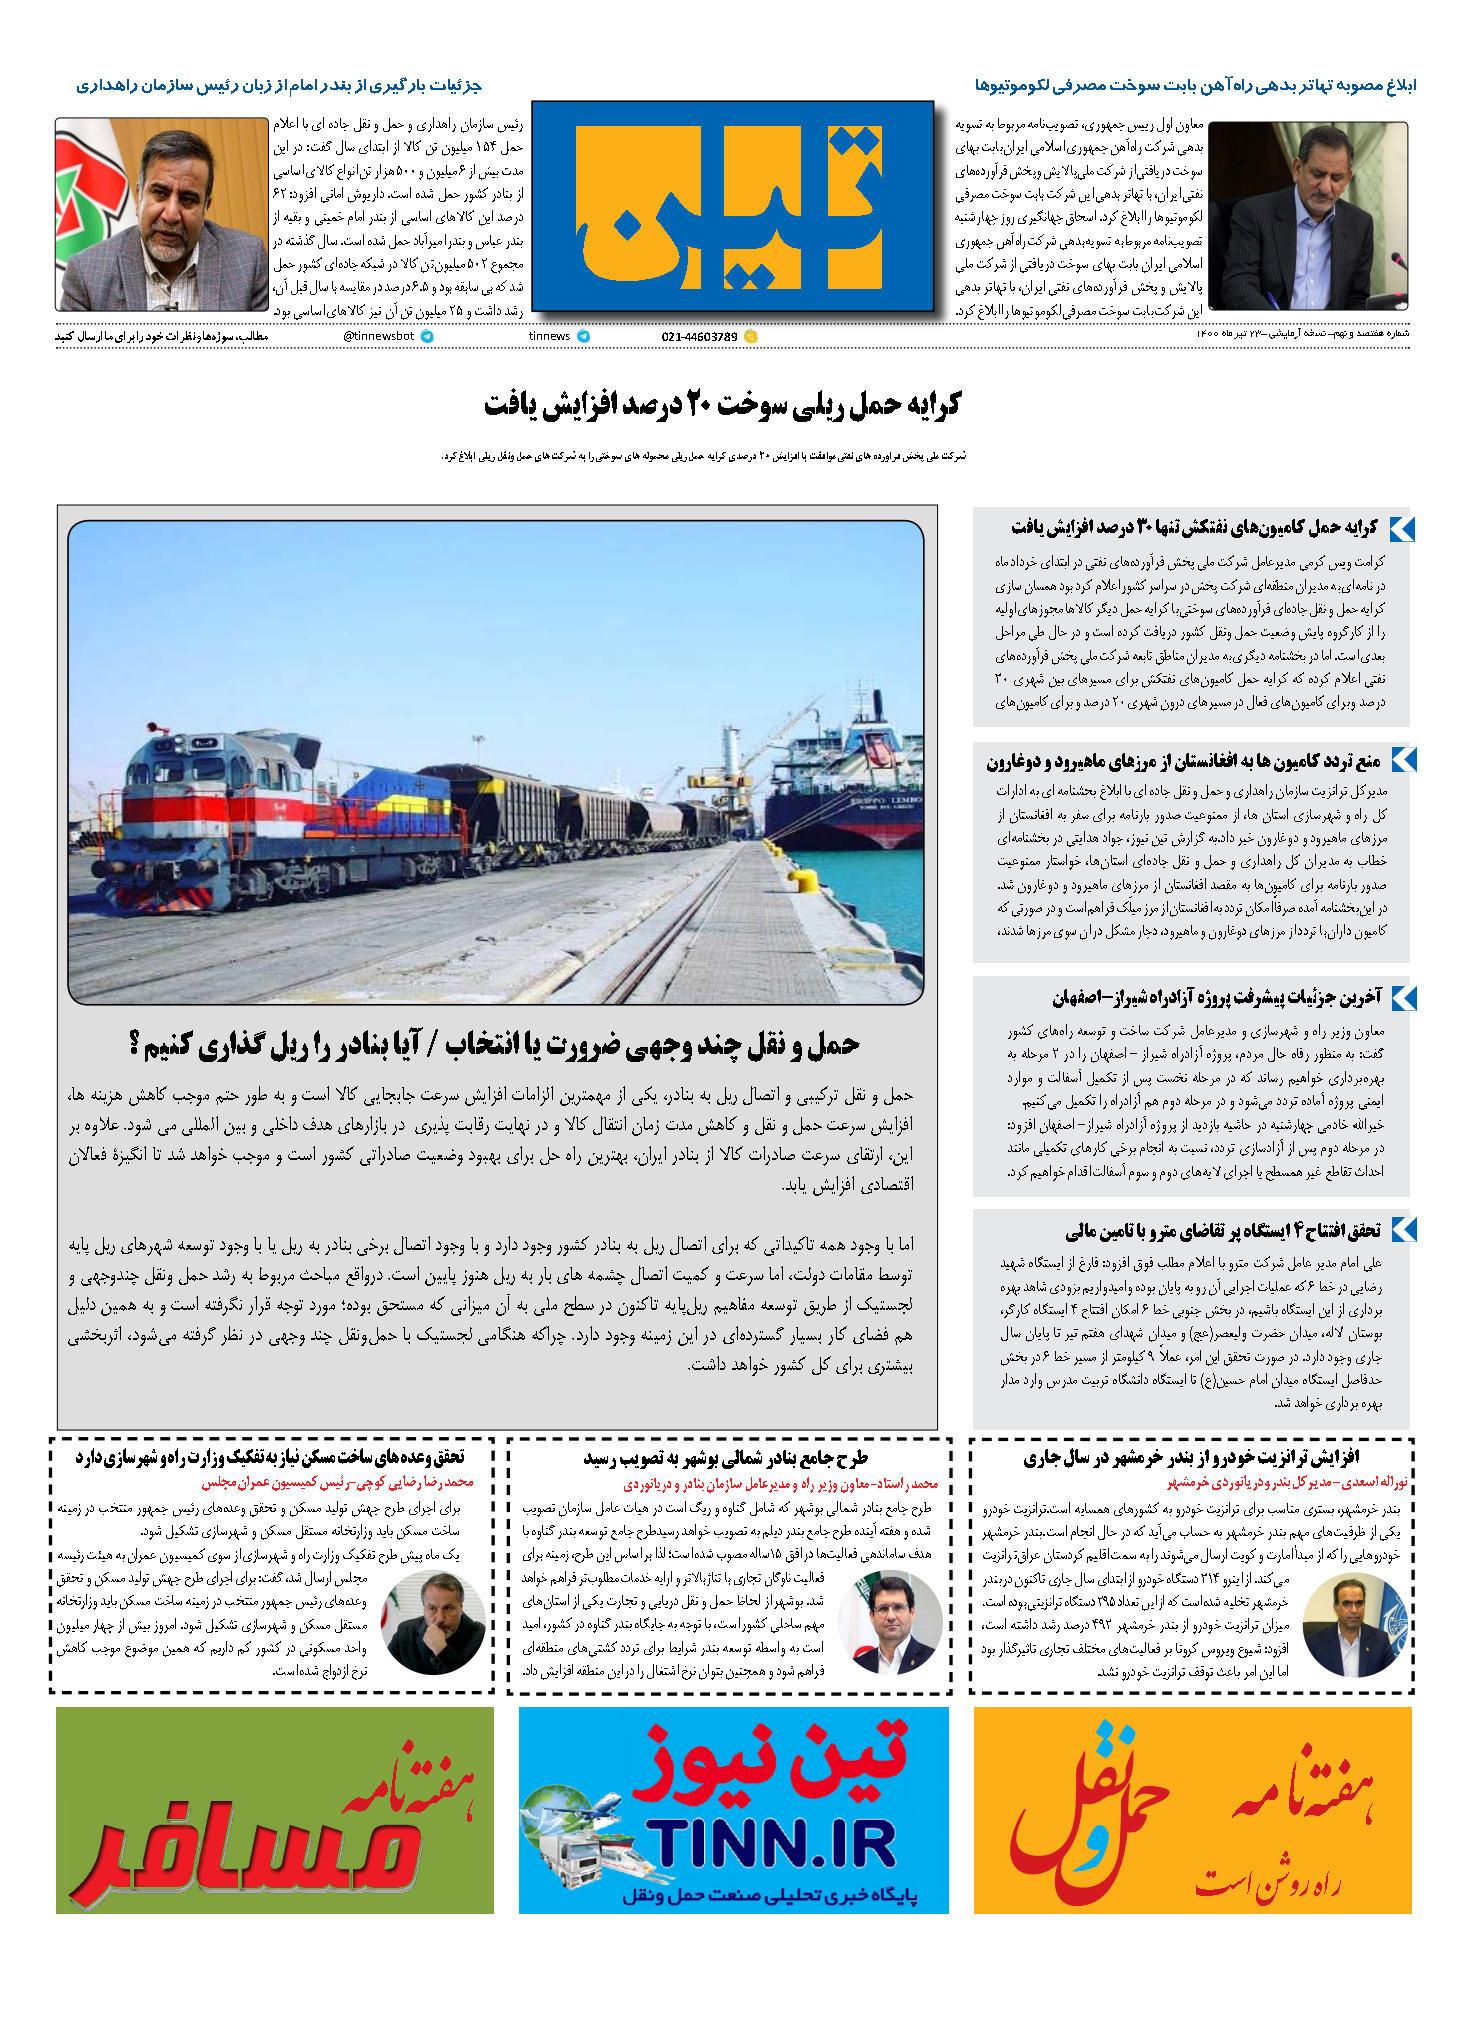 روزنامه الکترونیک 23 تیر ماه 1400